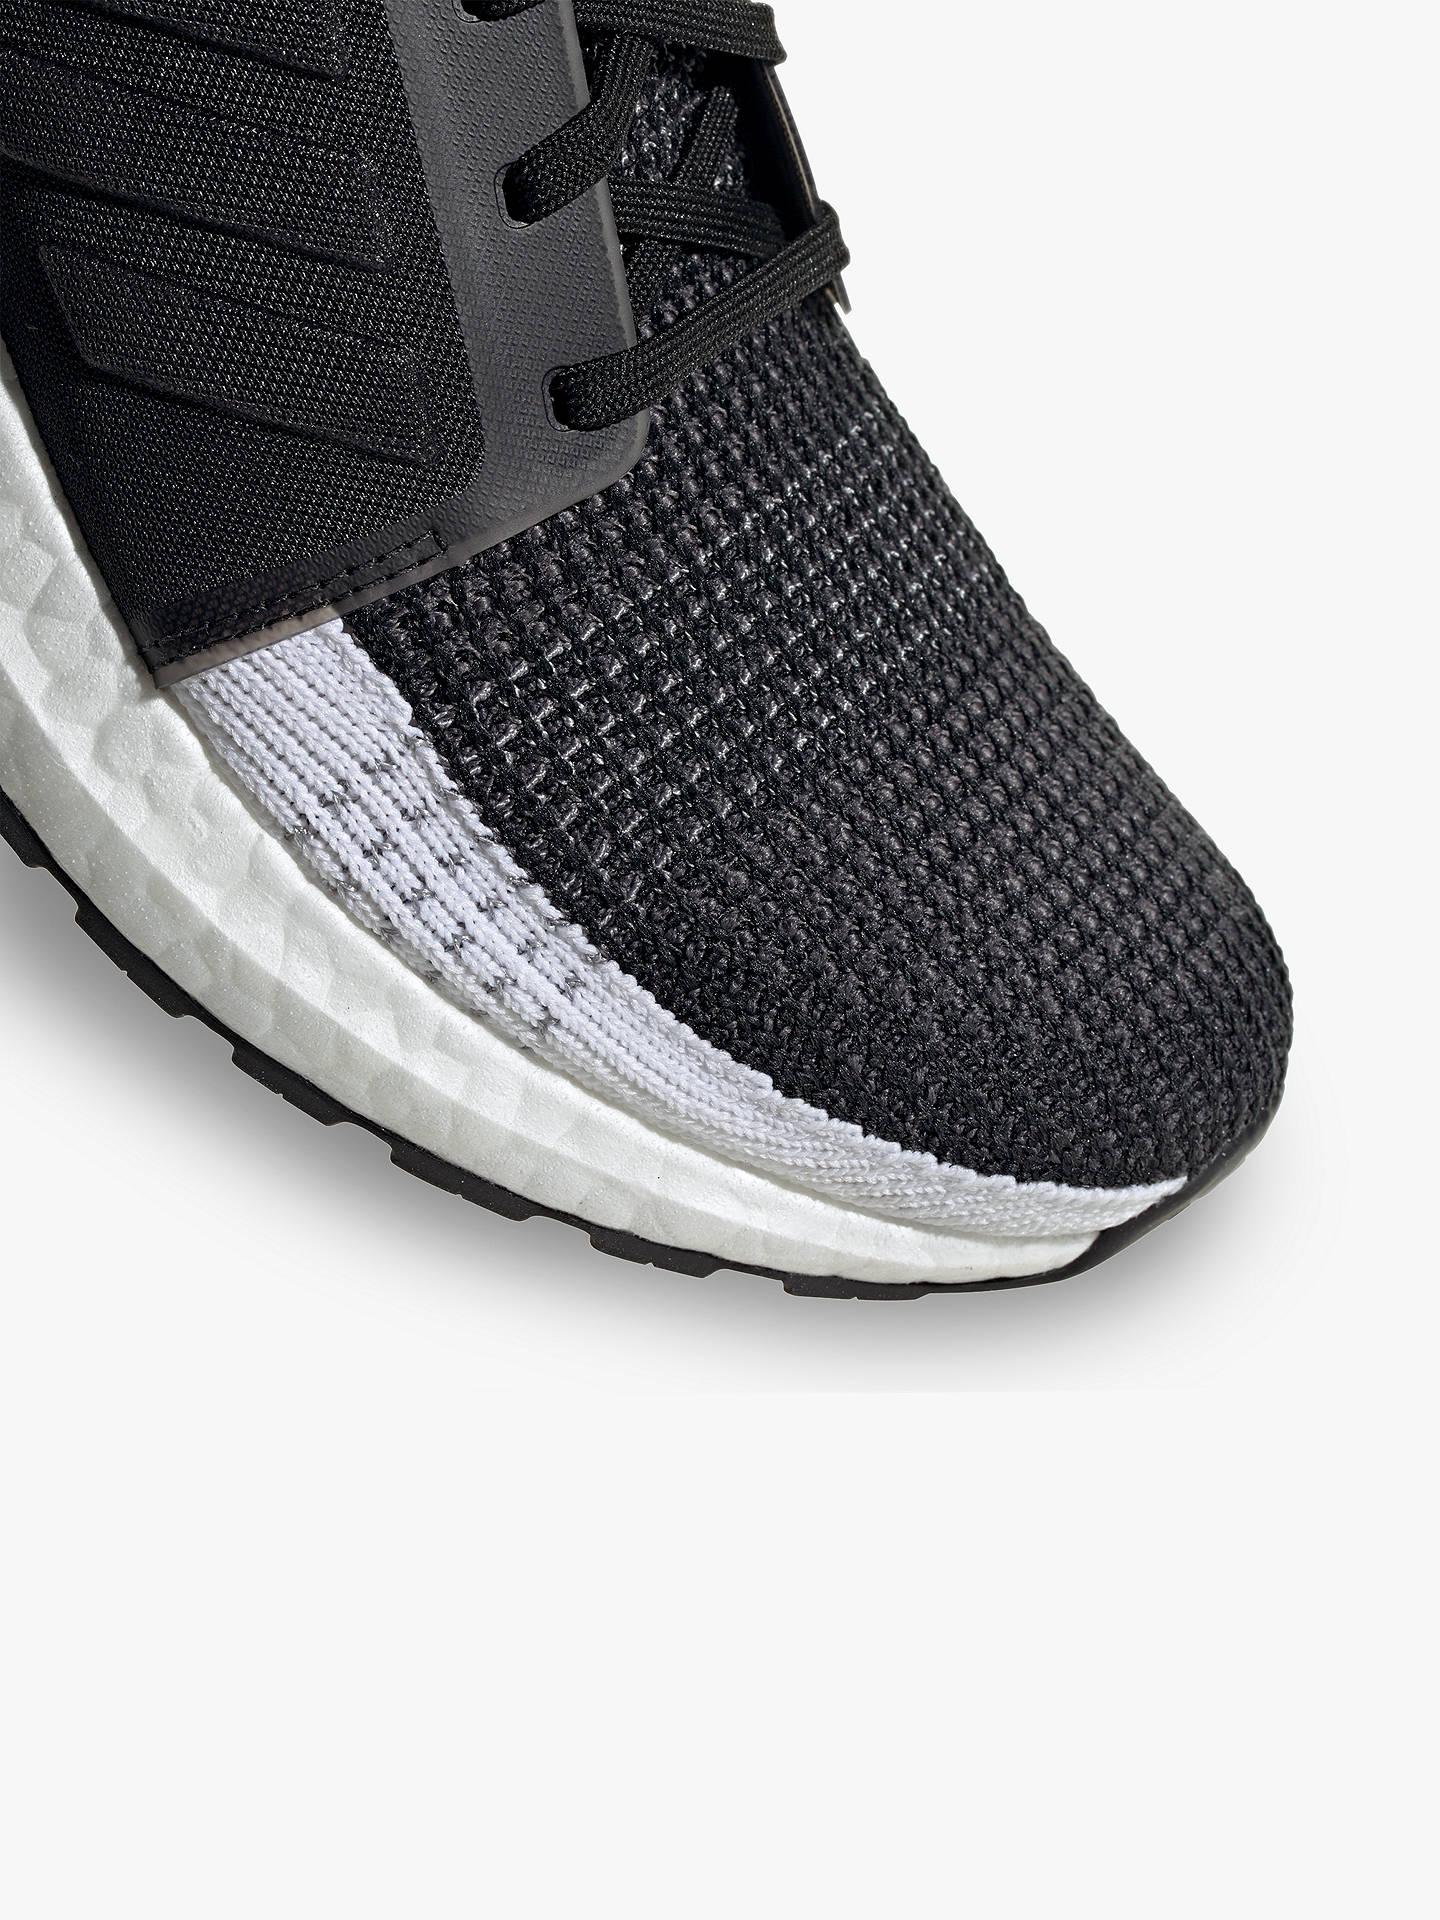 adidas UltraBOOST 19 Herren Schuhe Günstig Kaufen, adidas